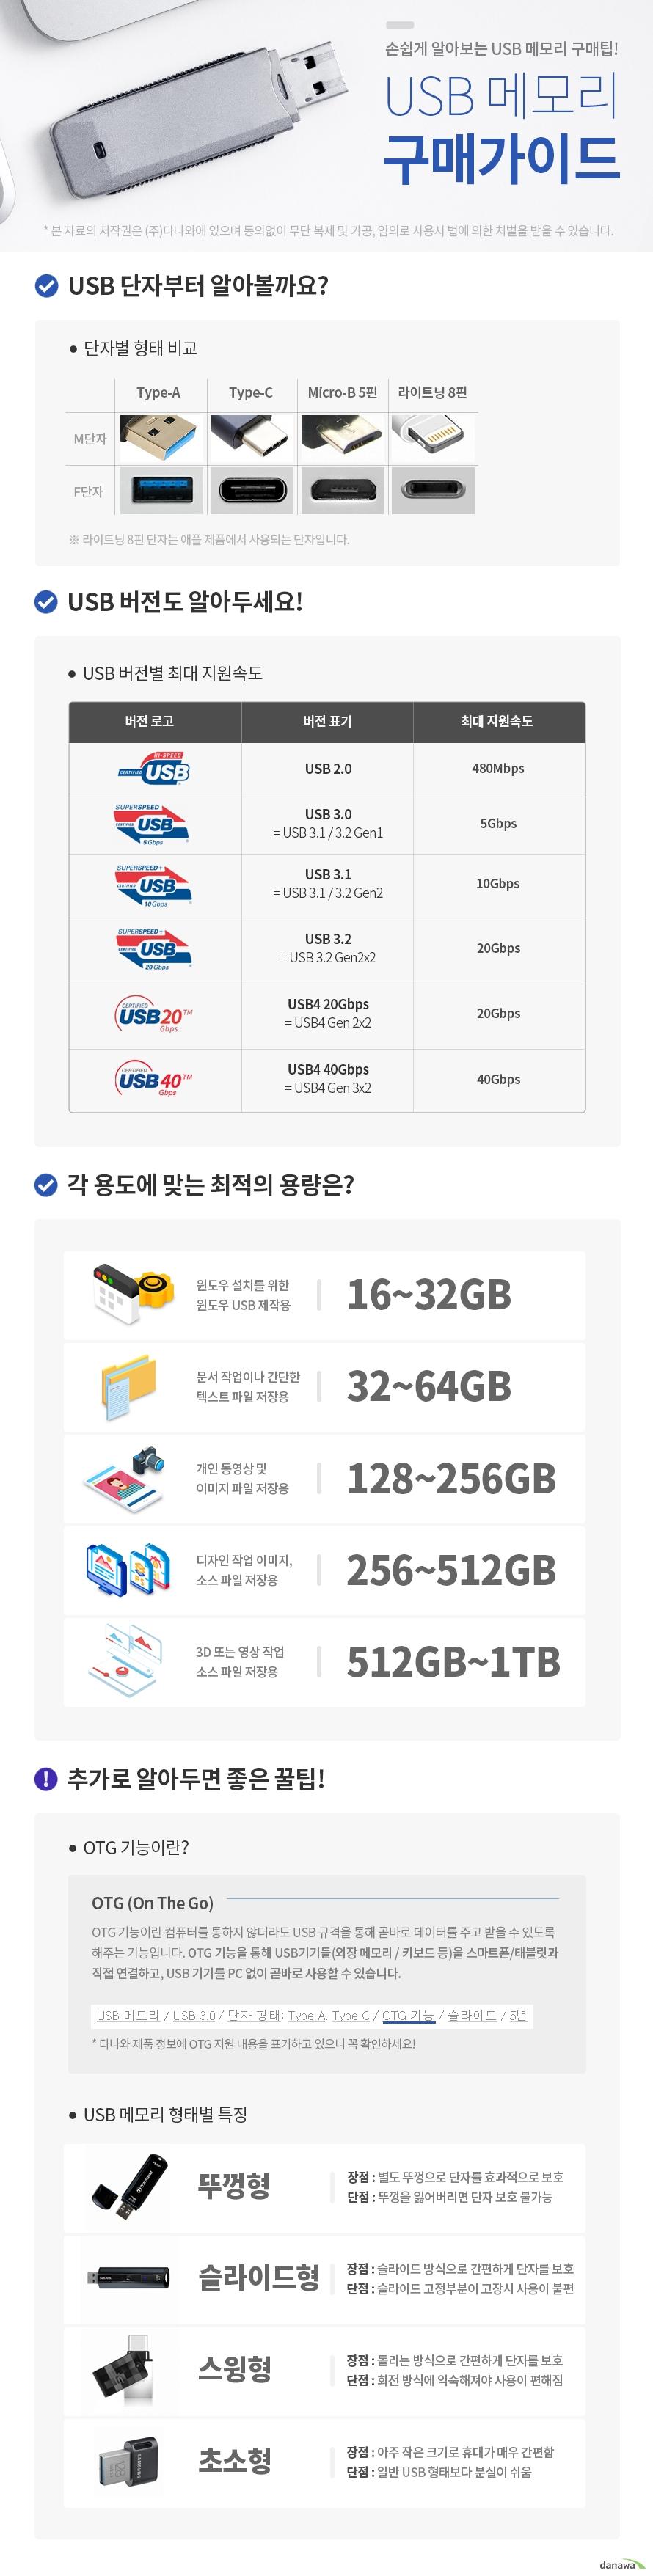 HP X5100M OTG (32GB)